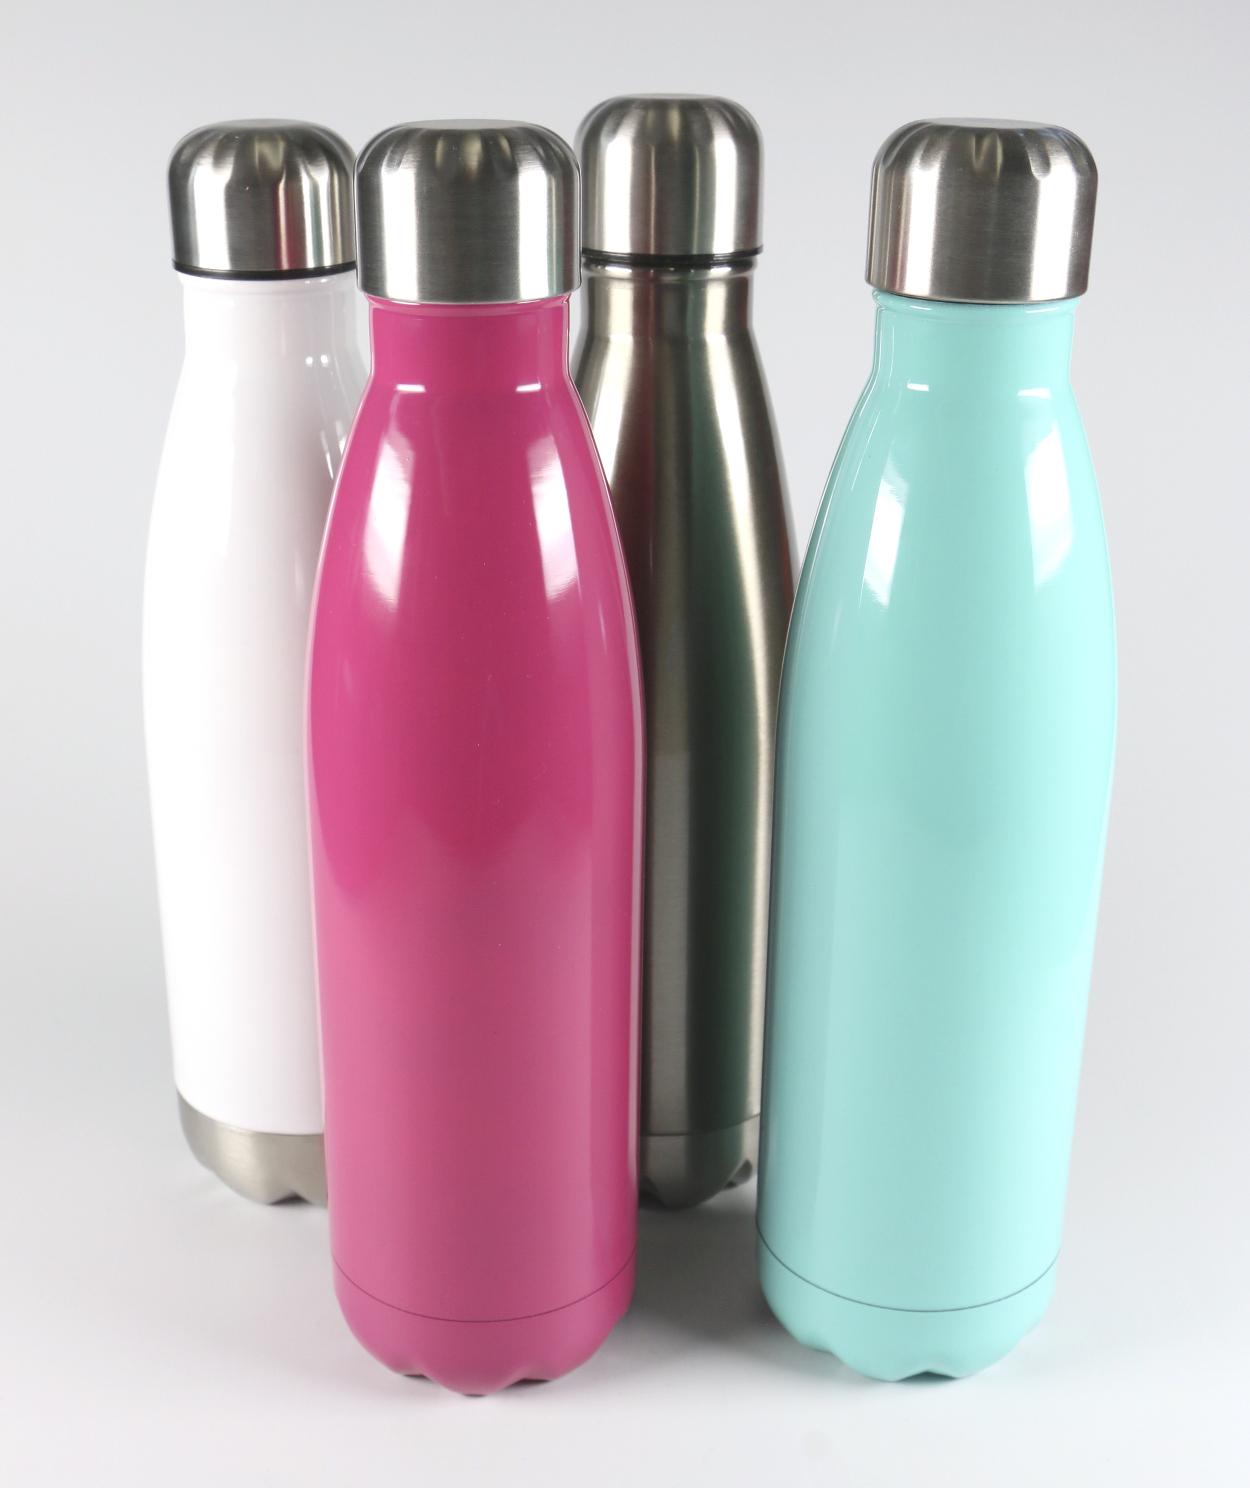 Edelstahl-Thermosflaschen